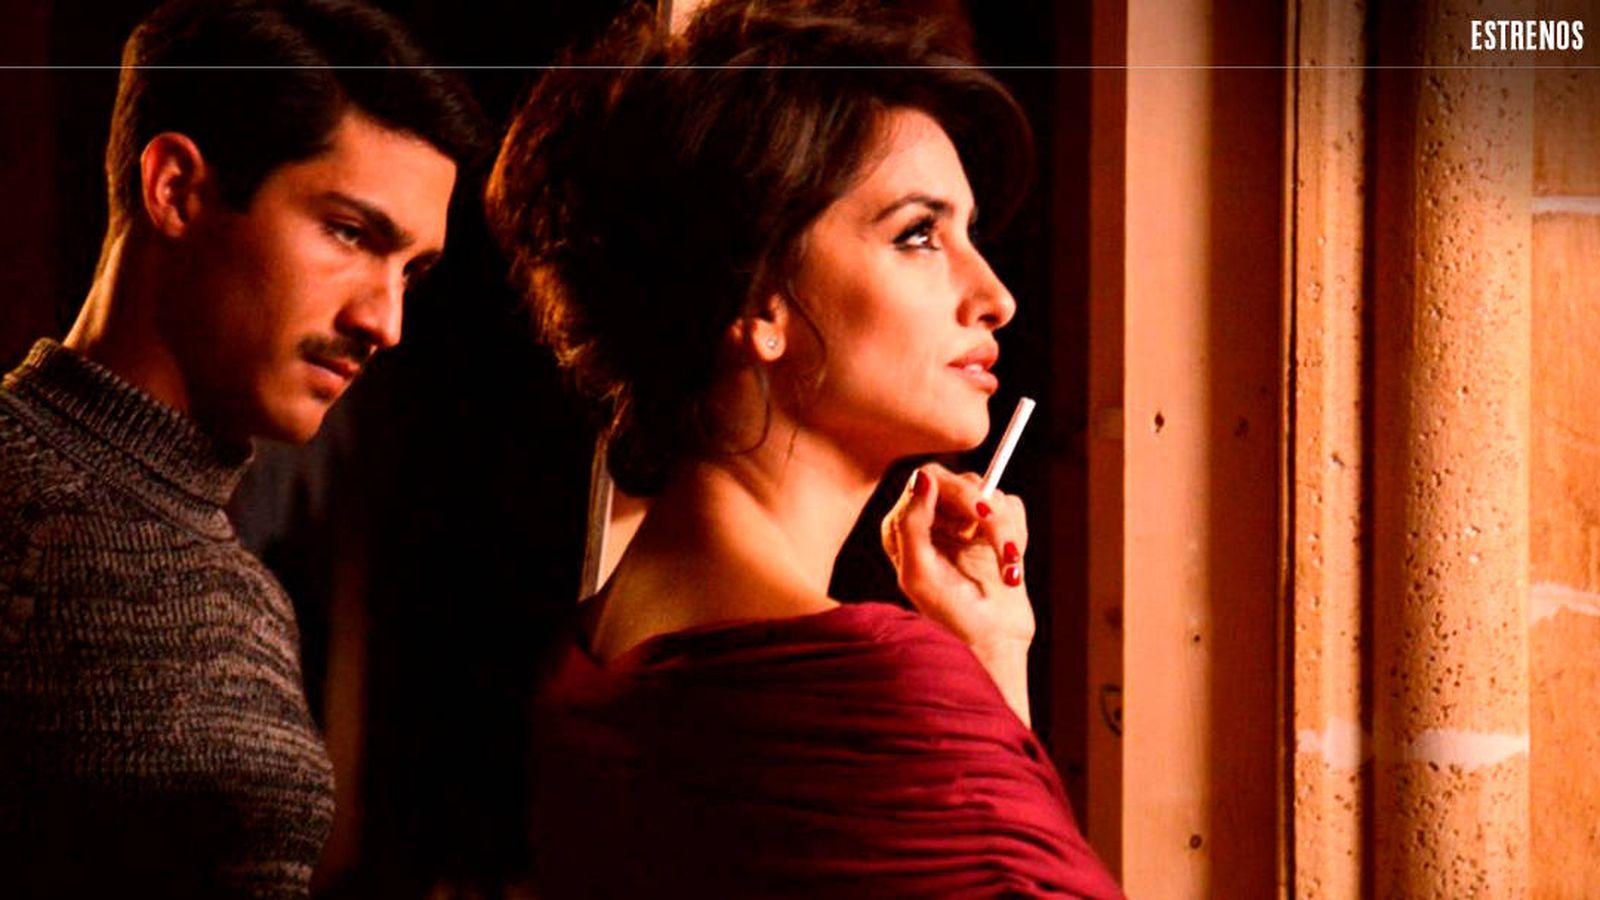 Foto: Chino Darín y Penélope Cruz, en una escena de 'La reina de España'.